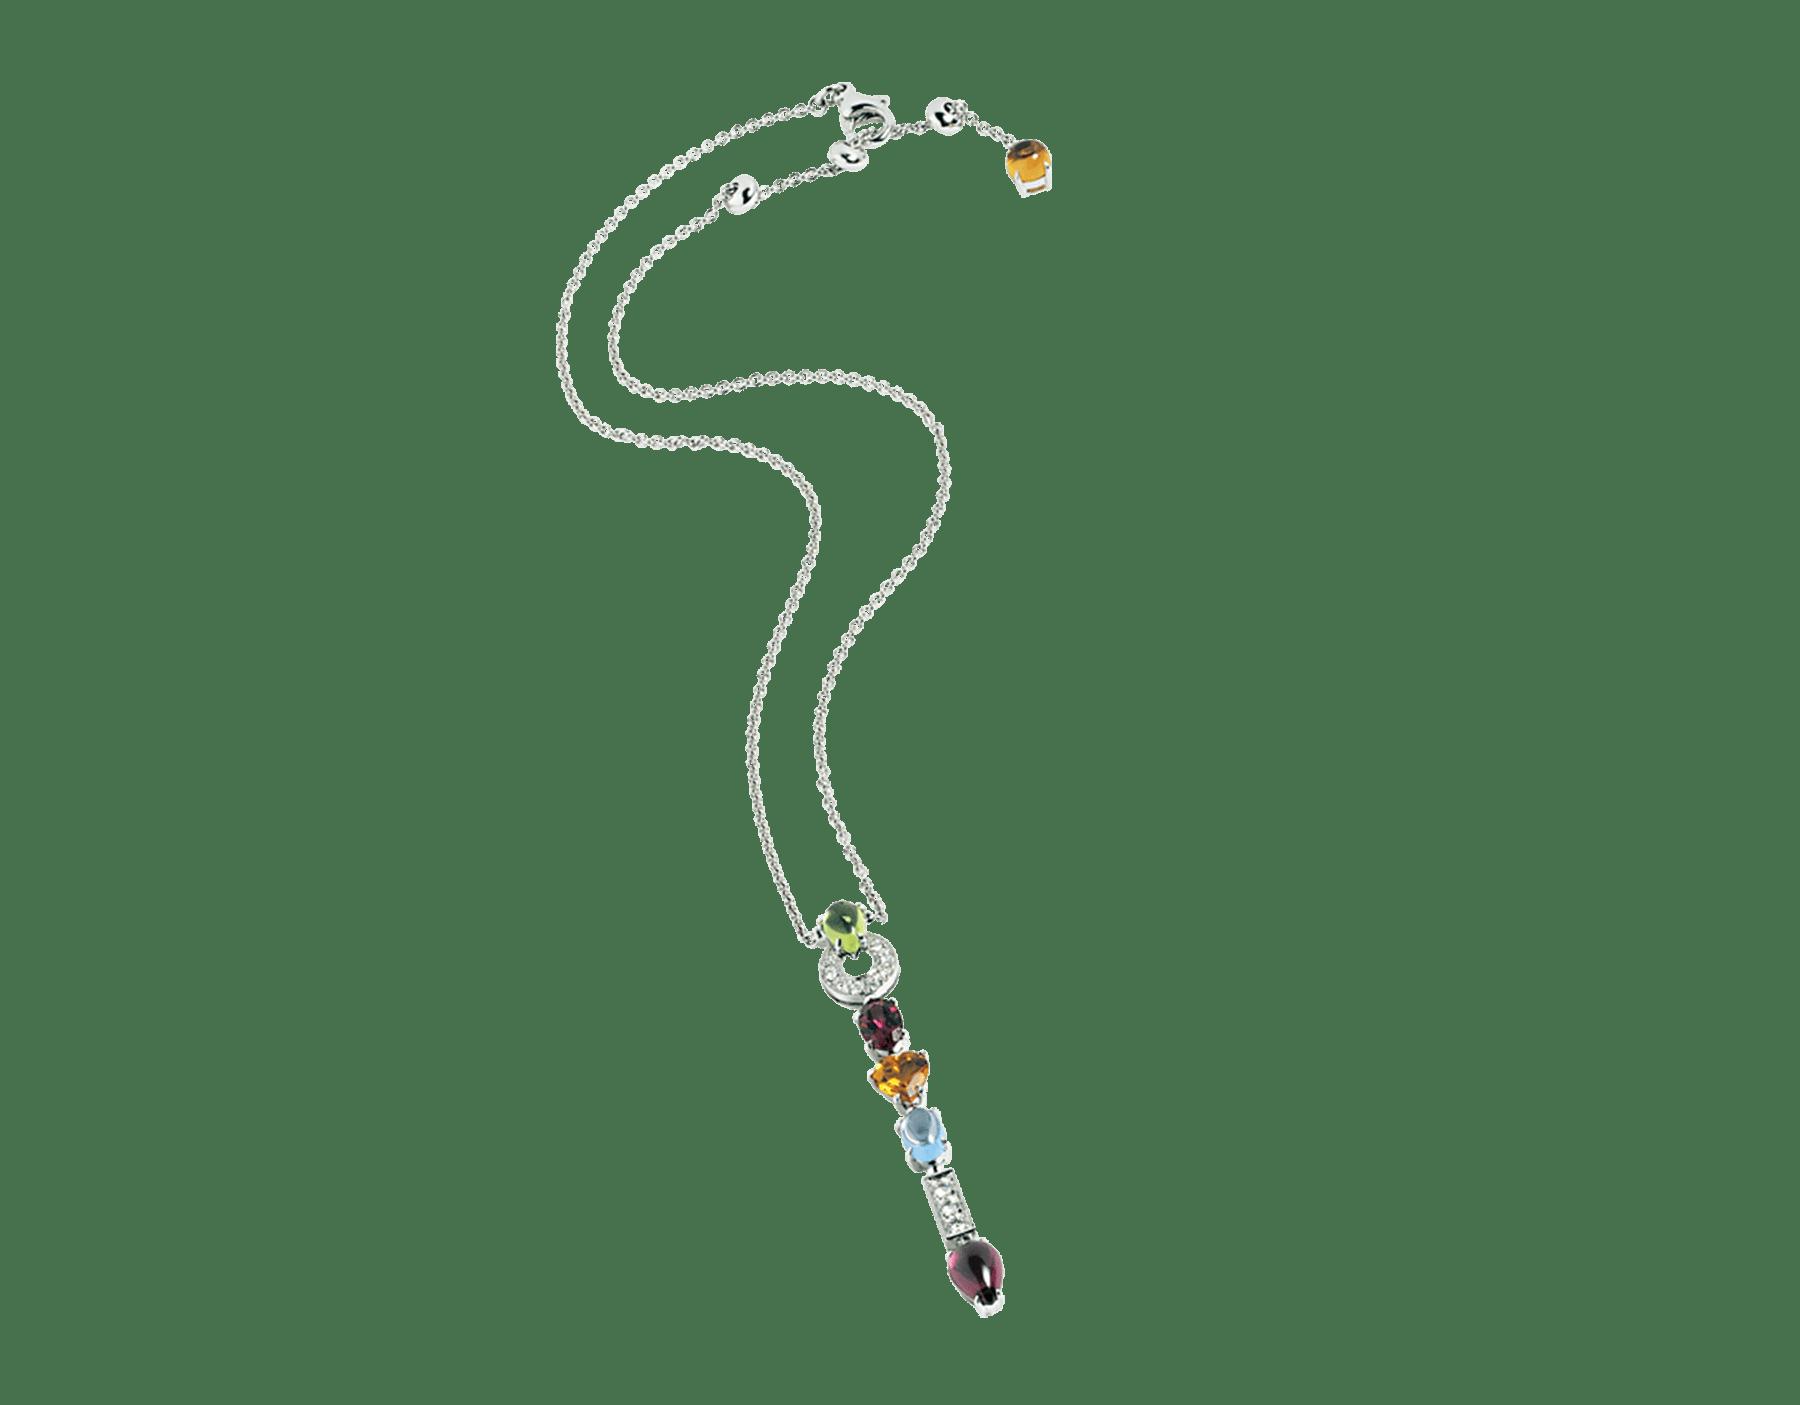 Collar con colgante Allegra en oro blanco de 18 qt con peridotos, rodonitas, cuarzo citrino, topacios azules y pavé de diamantes. 339373 image 1